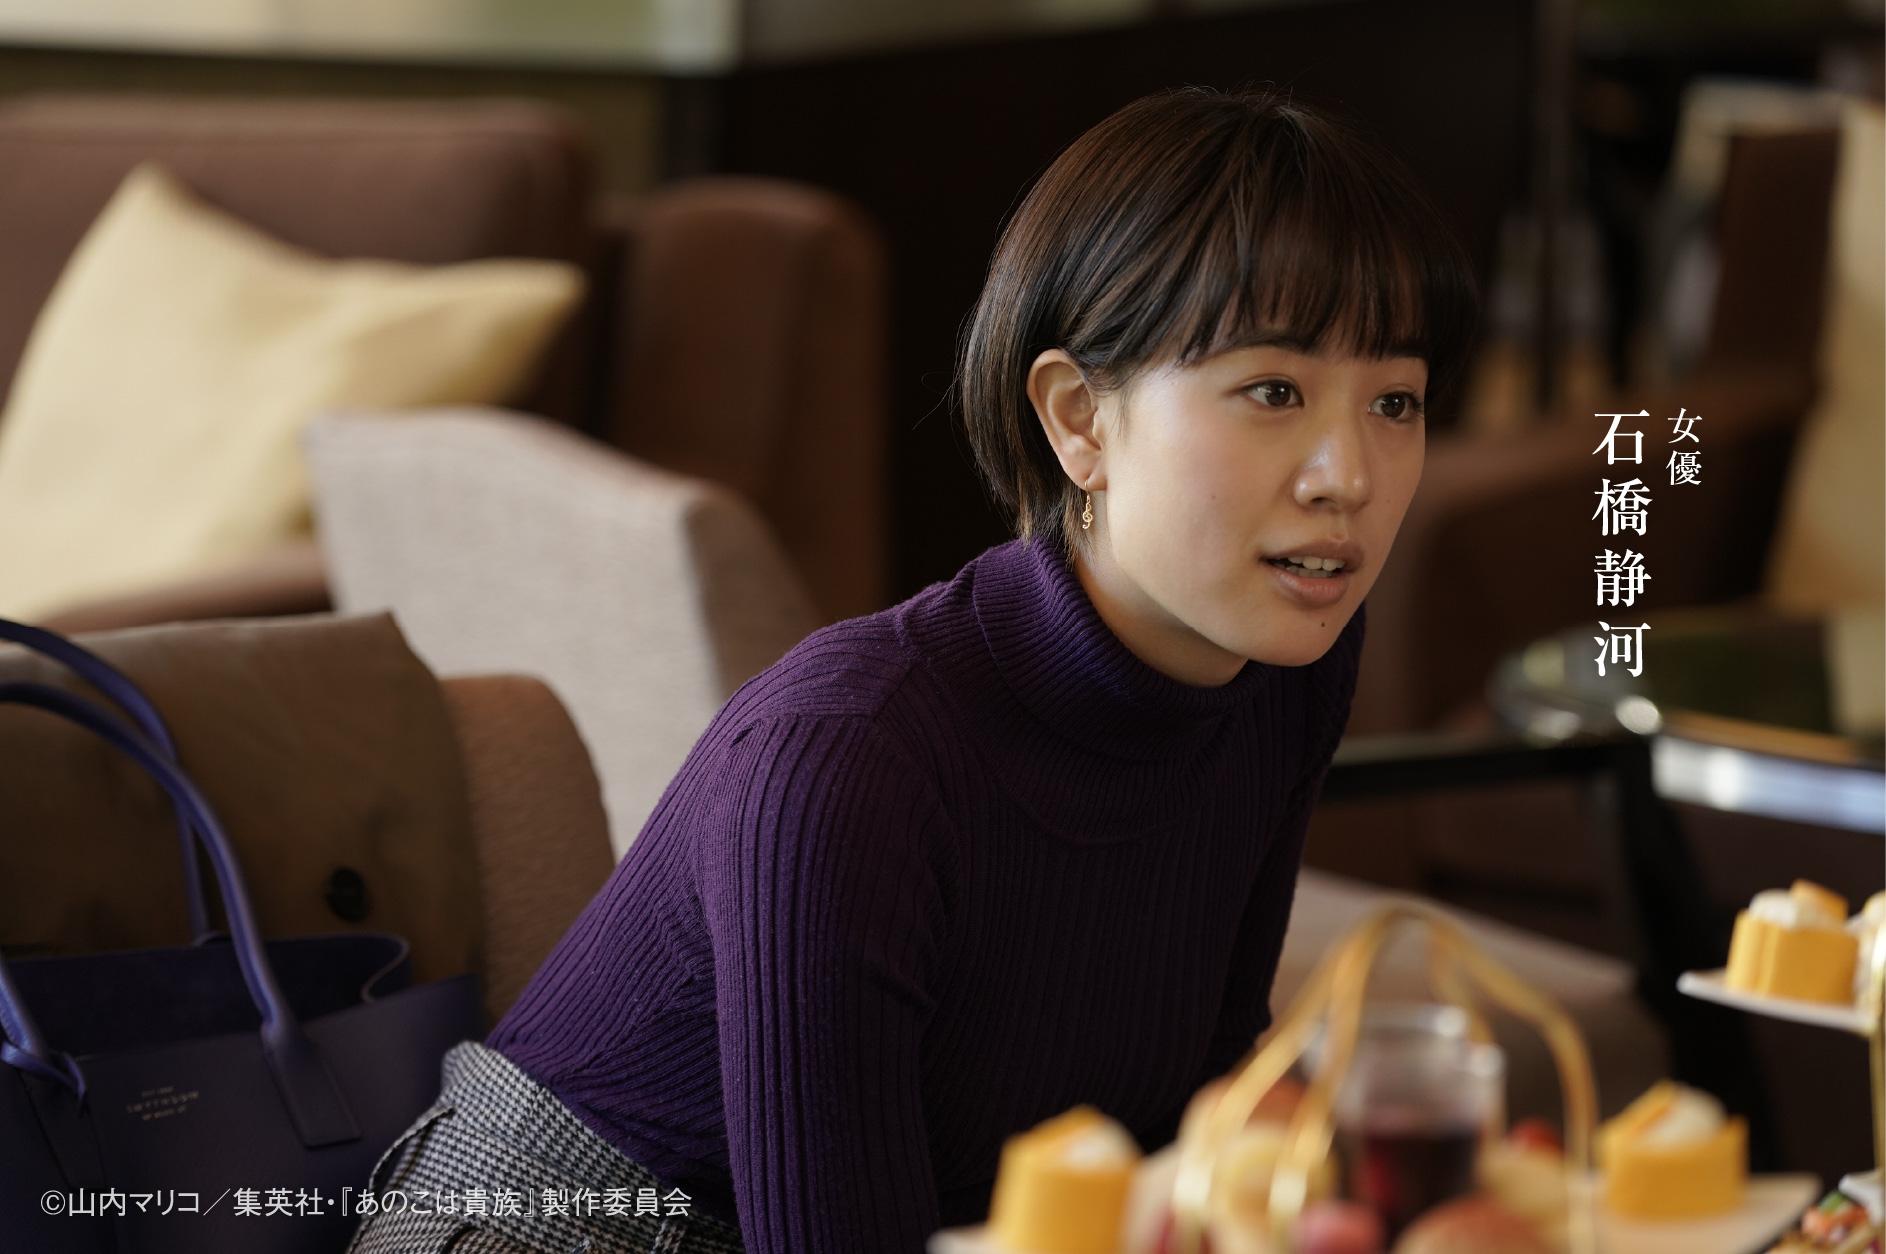 女優 石橋静河 ©山内マリコ/集英社・『あのこは貴族』製作委員会